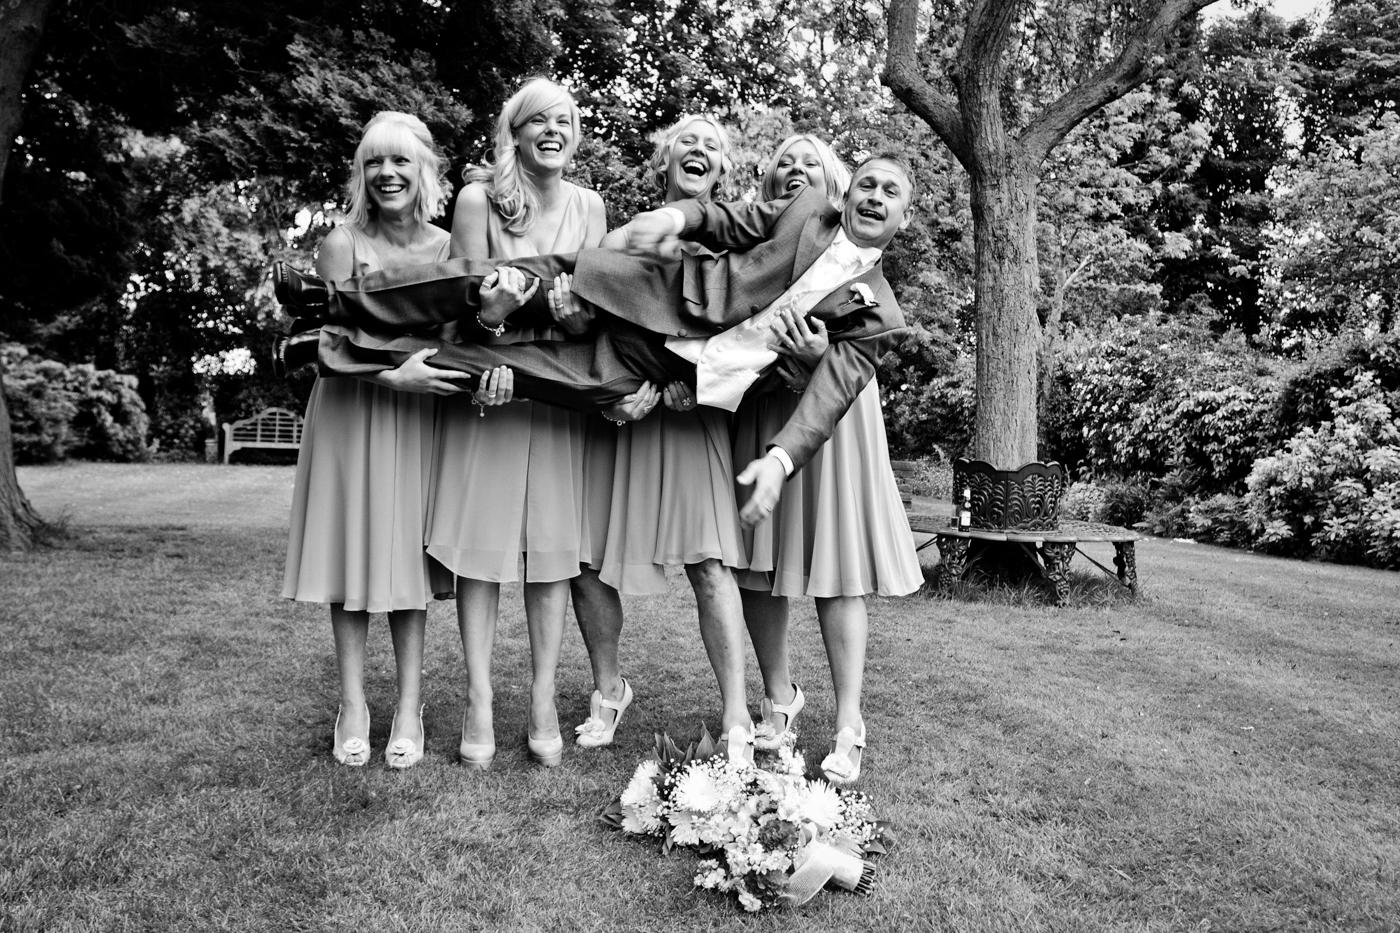 200 Keedy and Carl at The Secret Garden in Retford  - Wedding Photography by Mark Pugh www.markpugh.com_.jpg